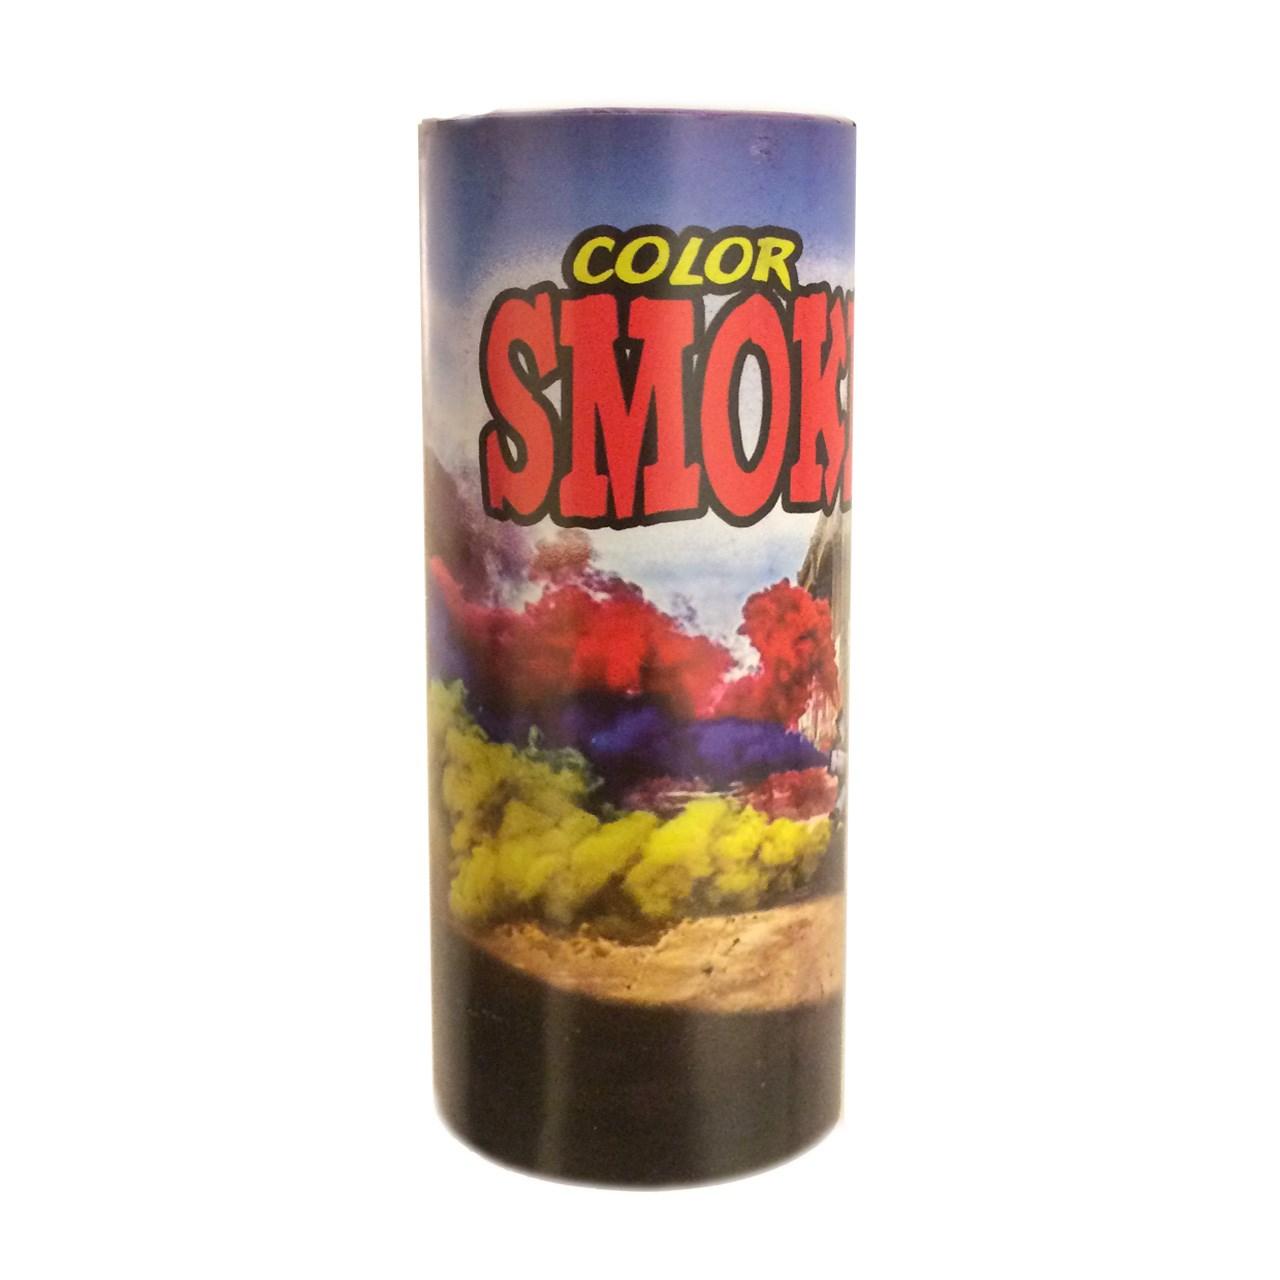 دود رنگی بانیبو مدل Color Smoke